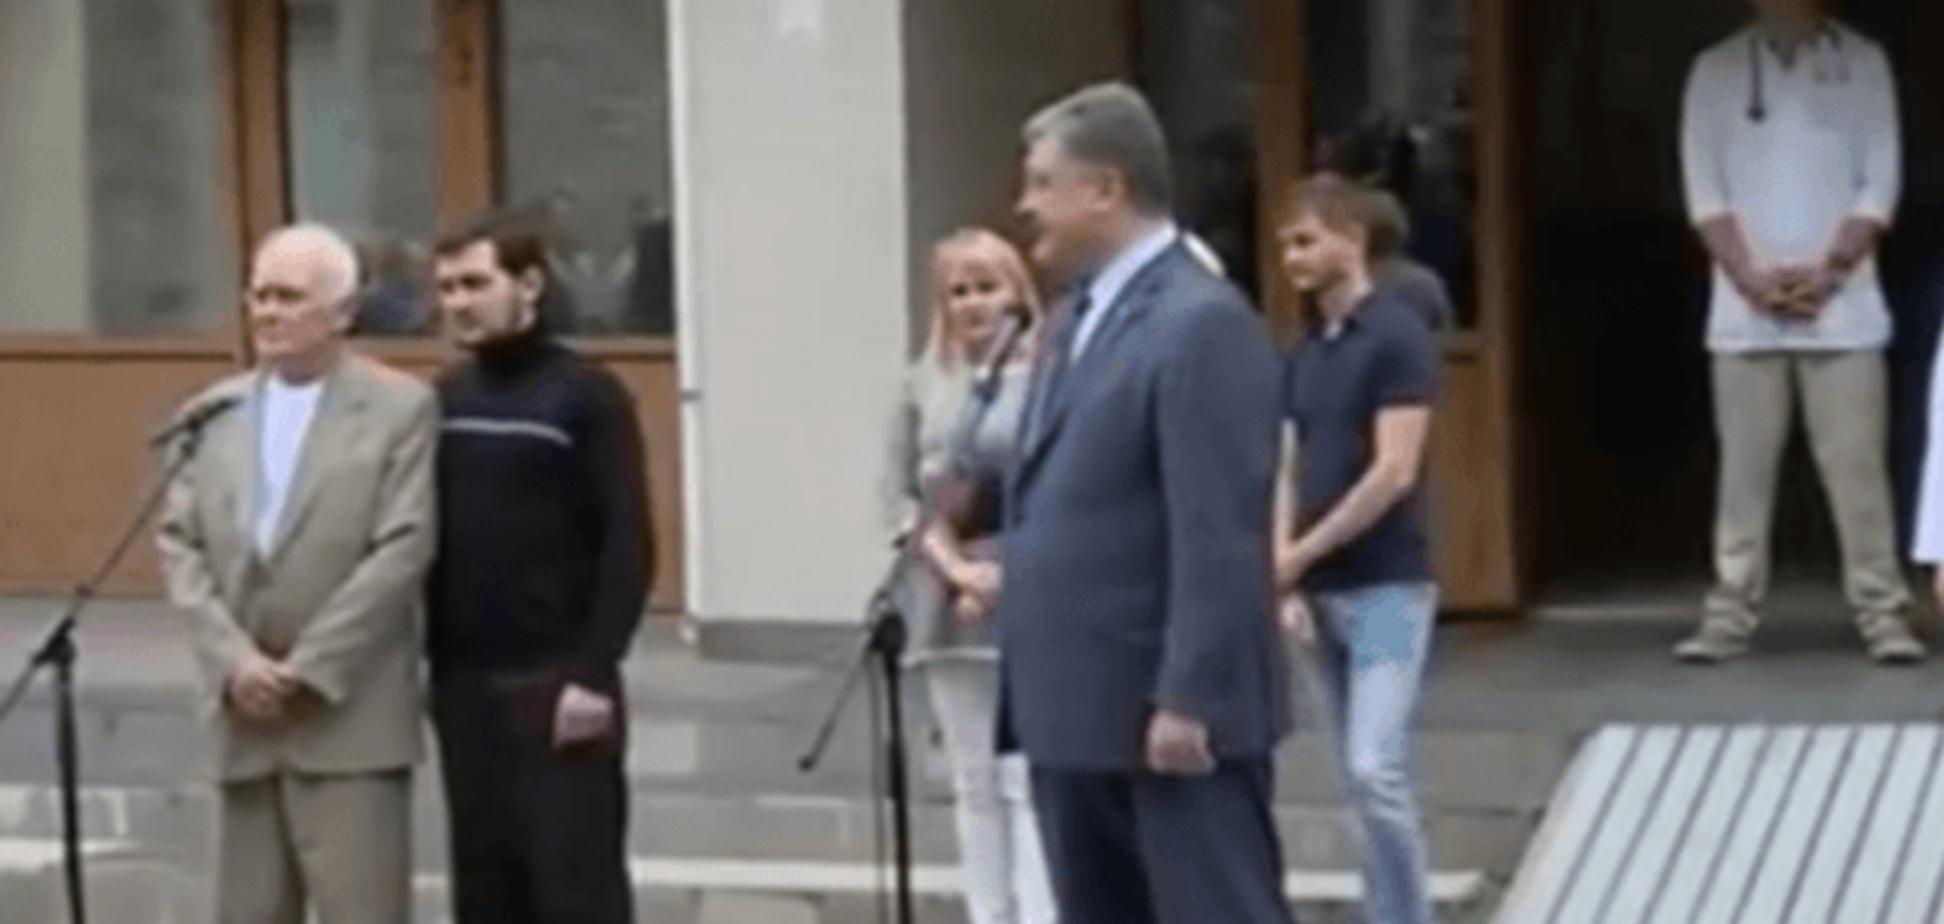 Освобождение Солошенко и Афанасьева